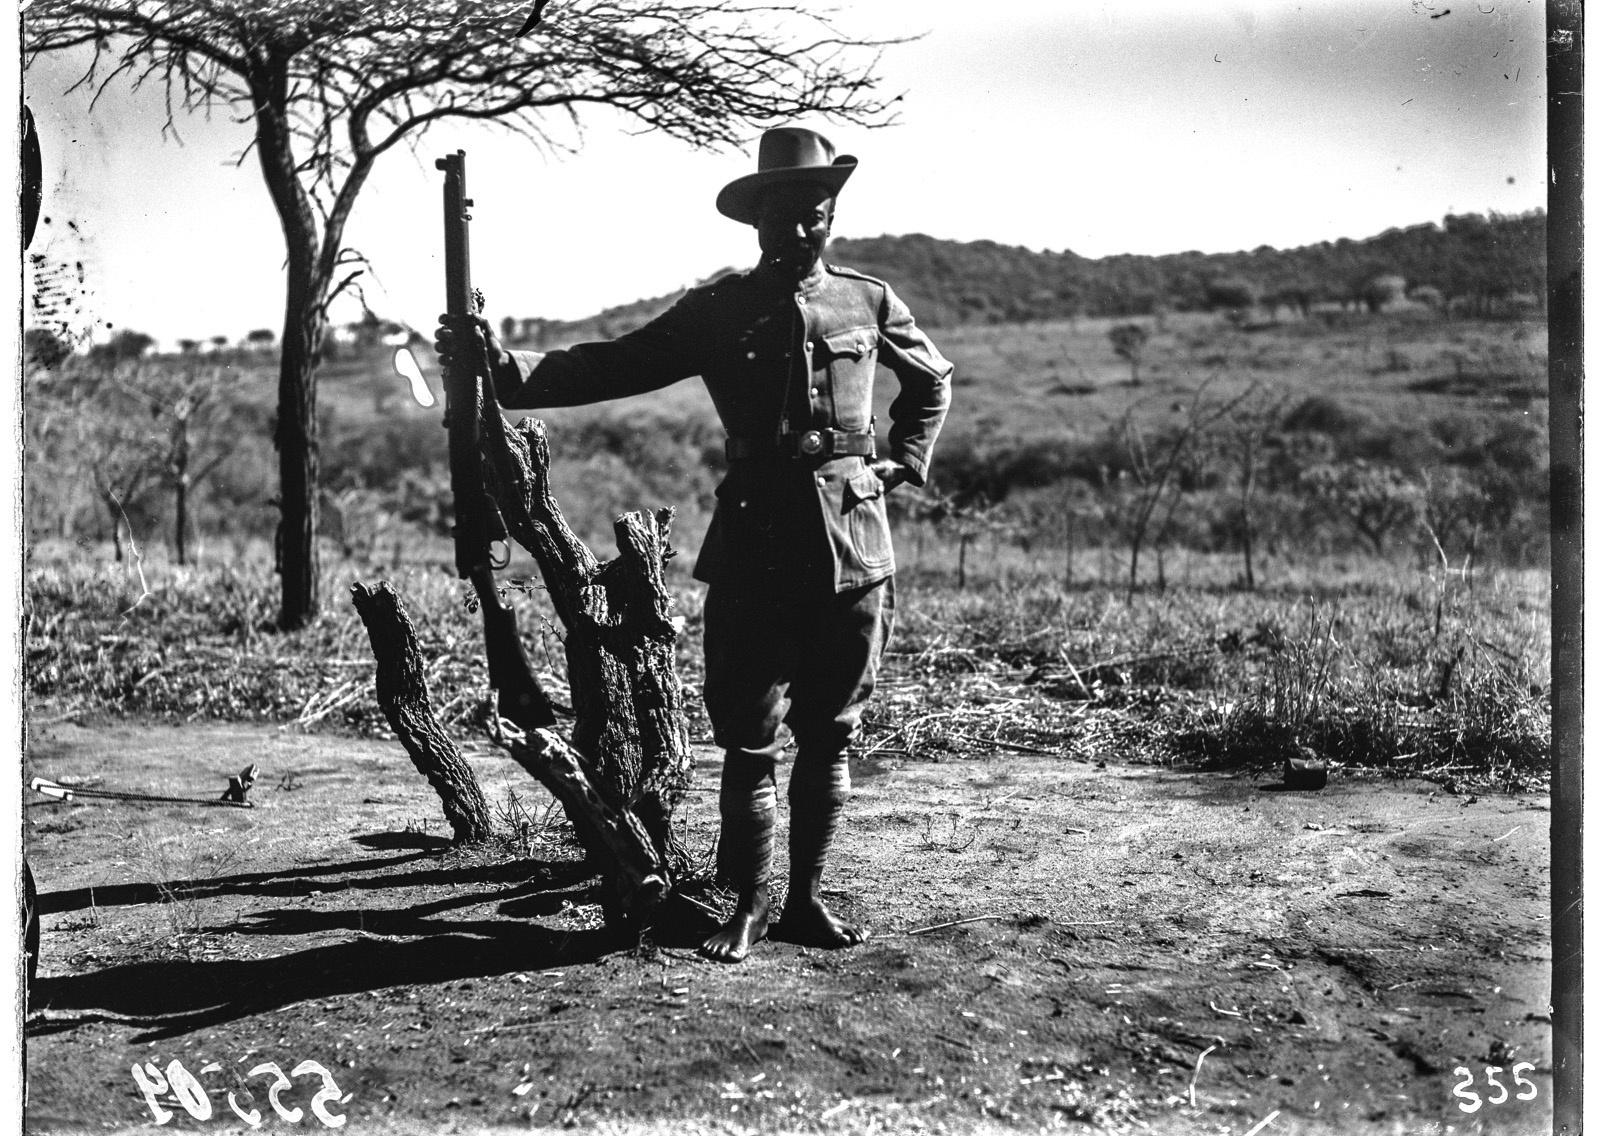 Южно-Африканский Союз. В окрестностях Претории. Солдат с винтовкой